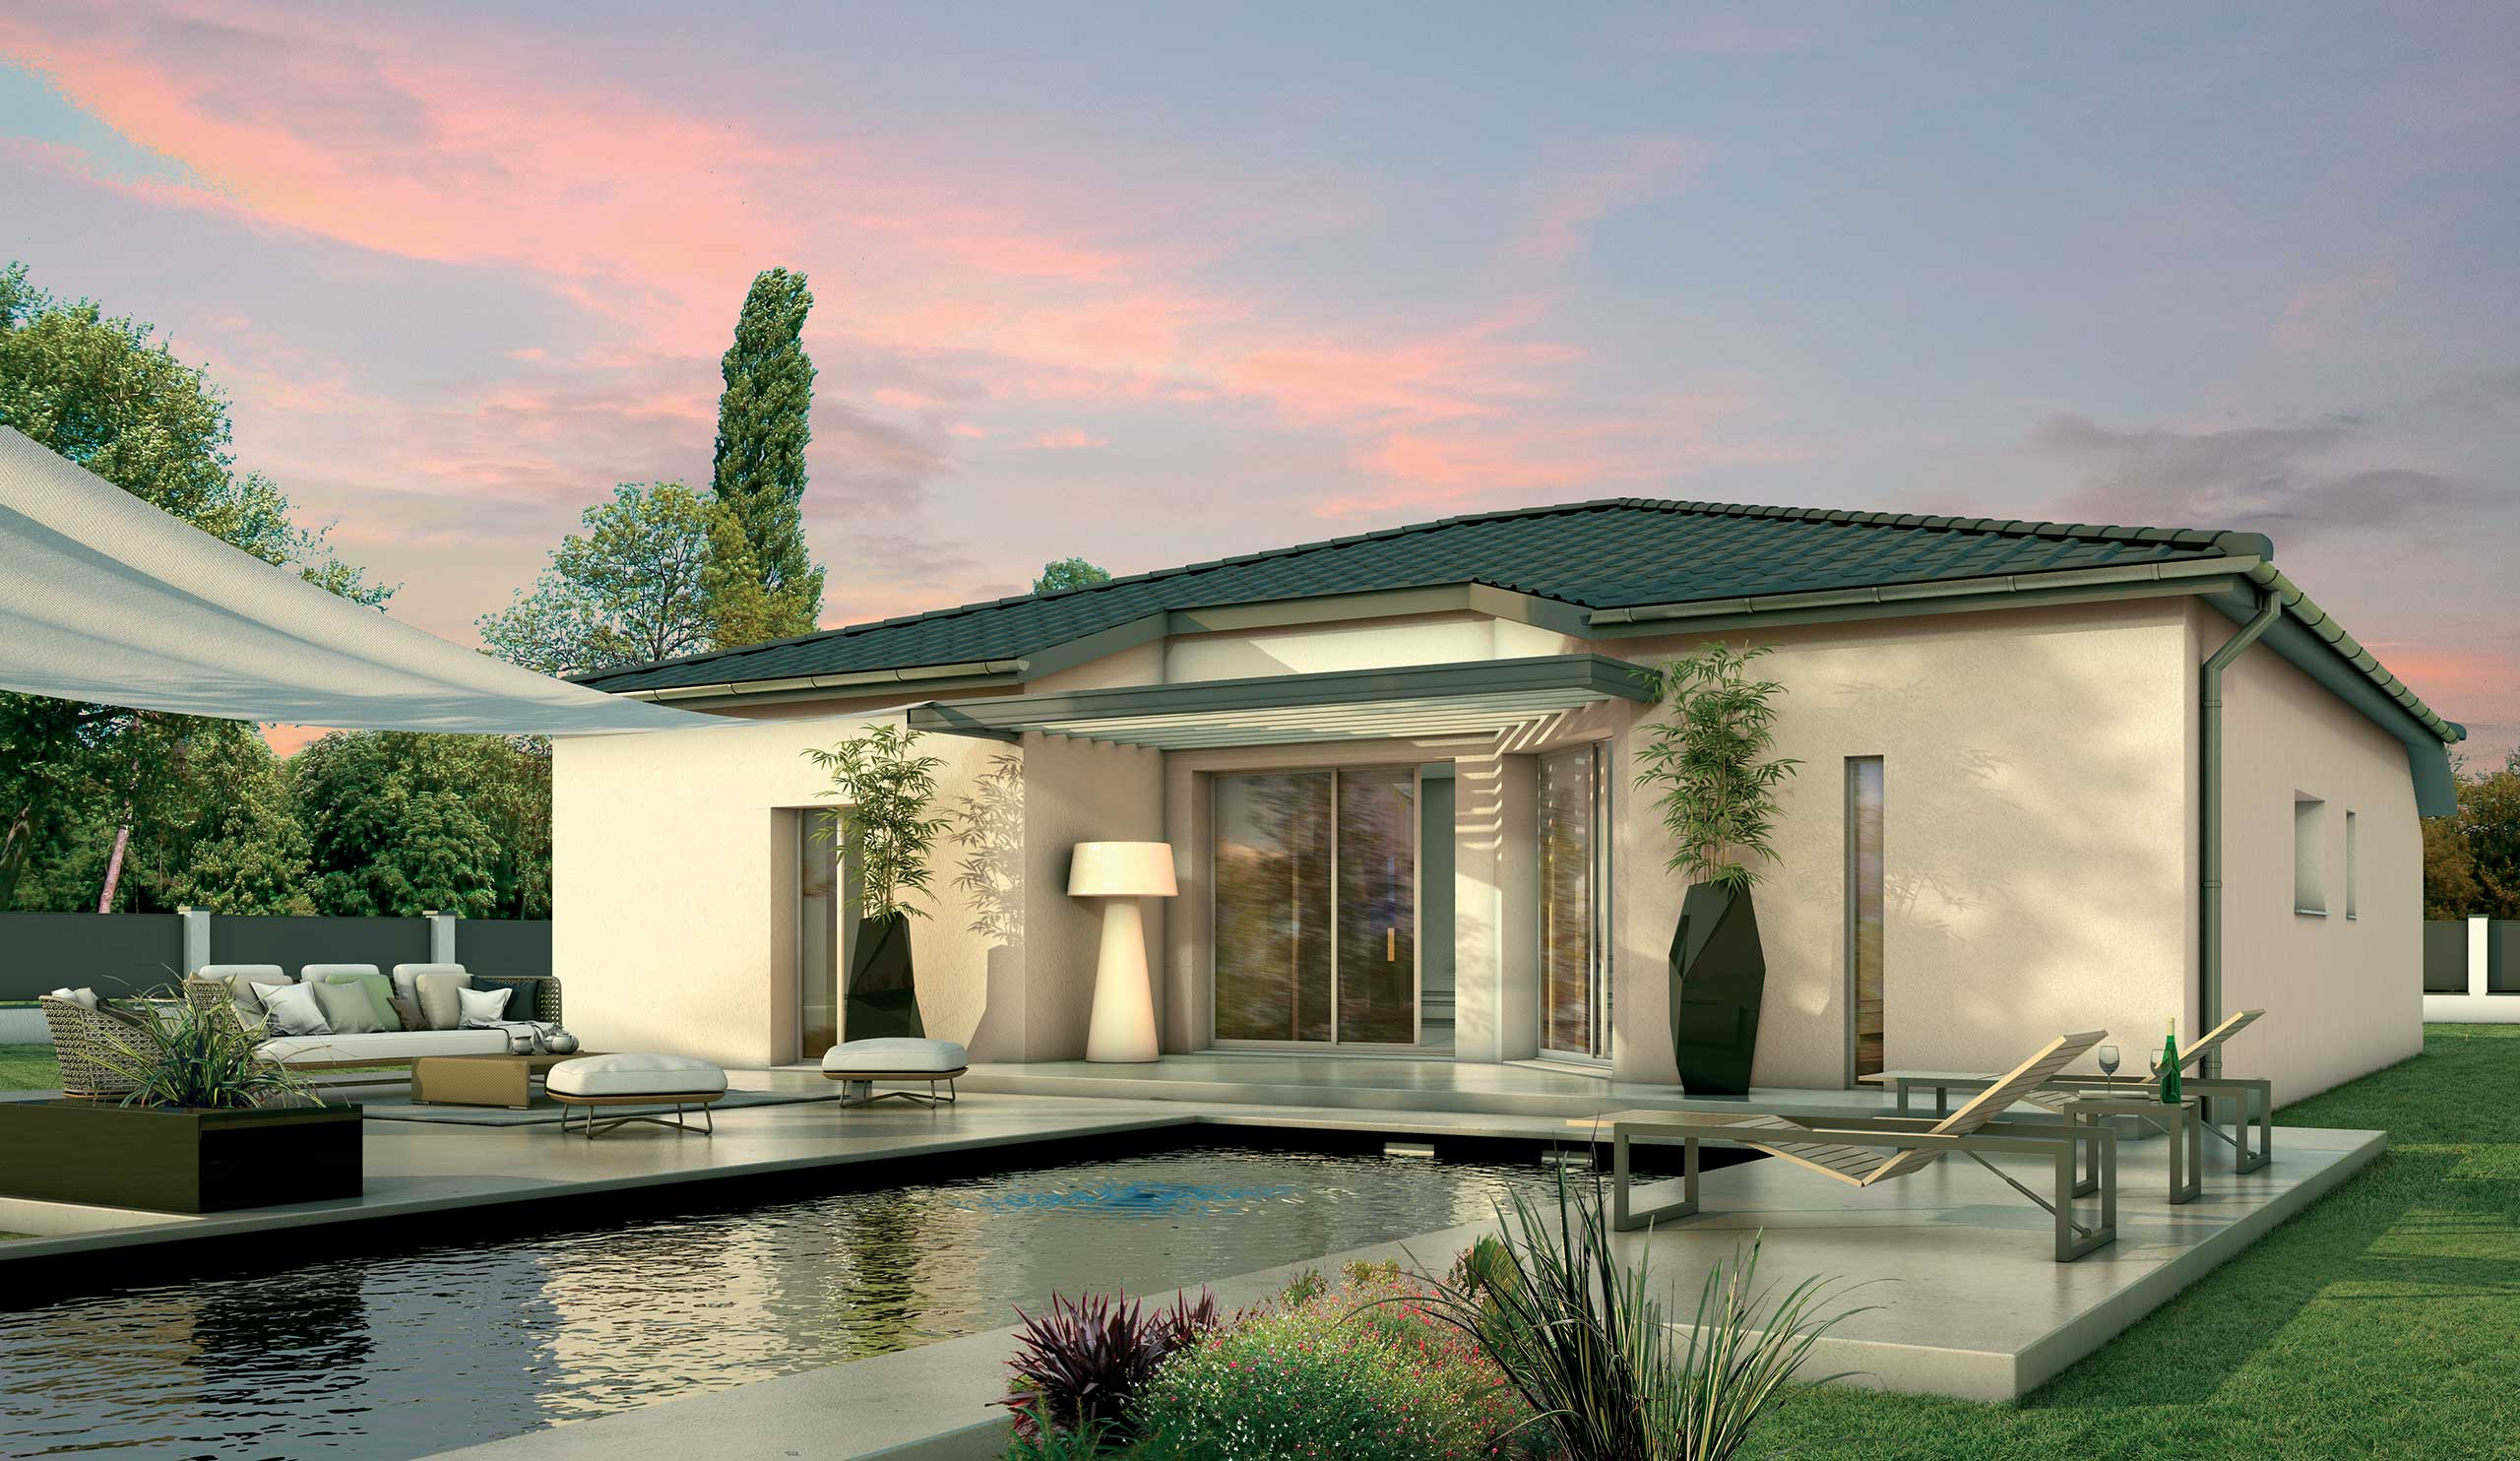 maison modèle de maison orme : une villa à l'architecture carrée